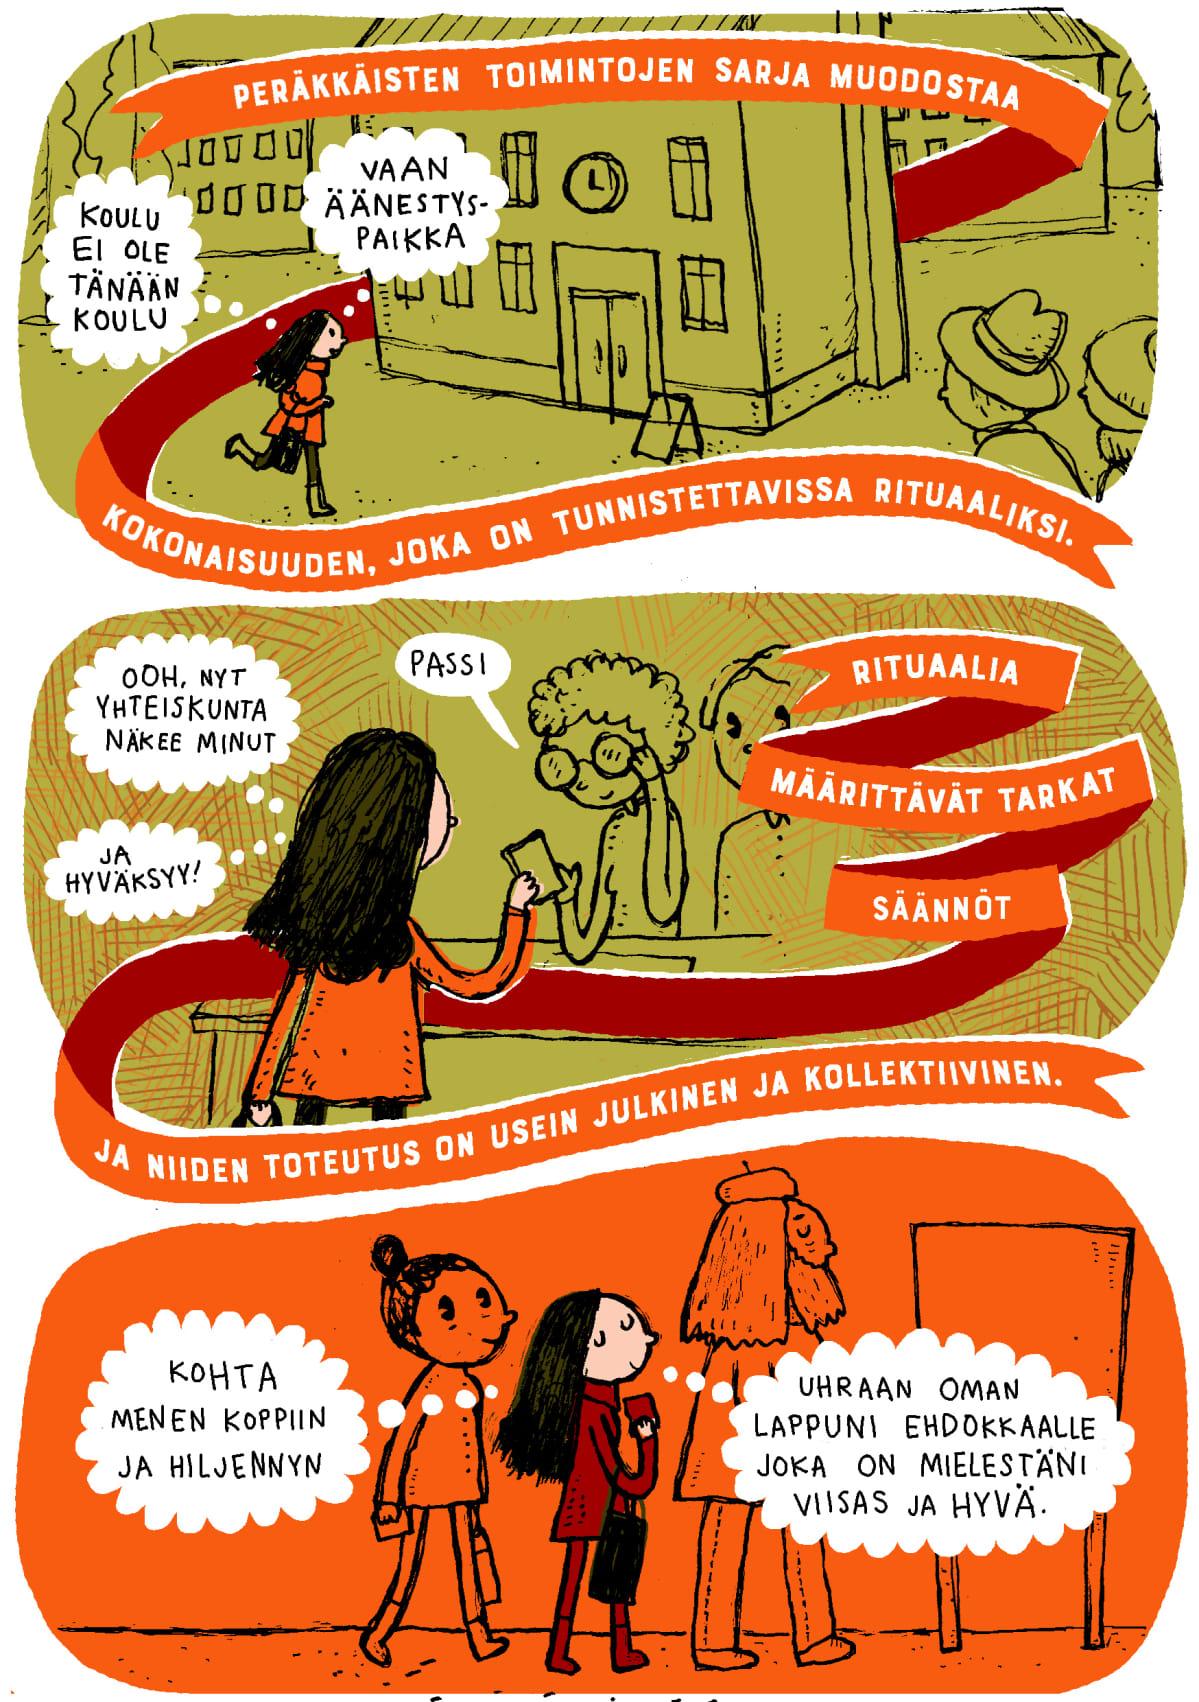 Aiju Salminen, sarjakuvakolumni, äänestäminen, kuva 2